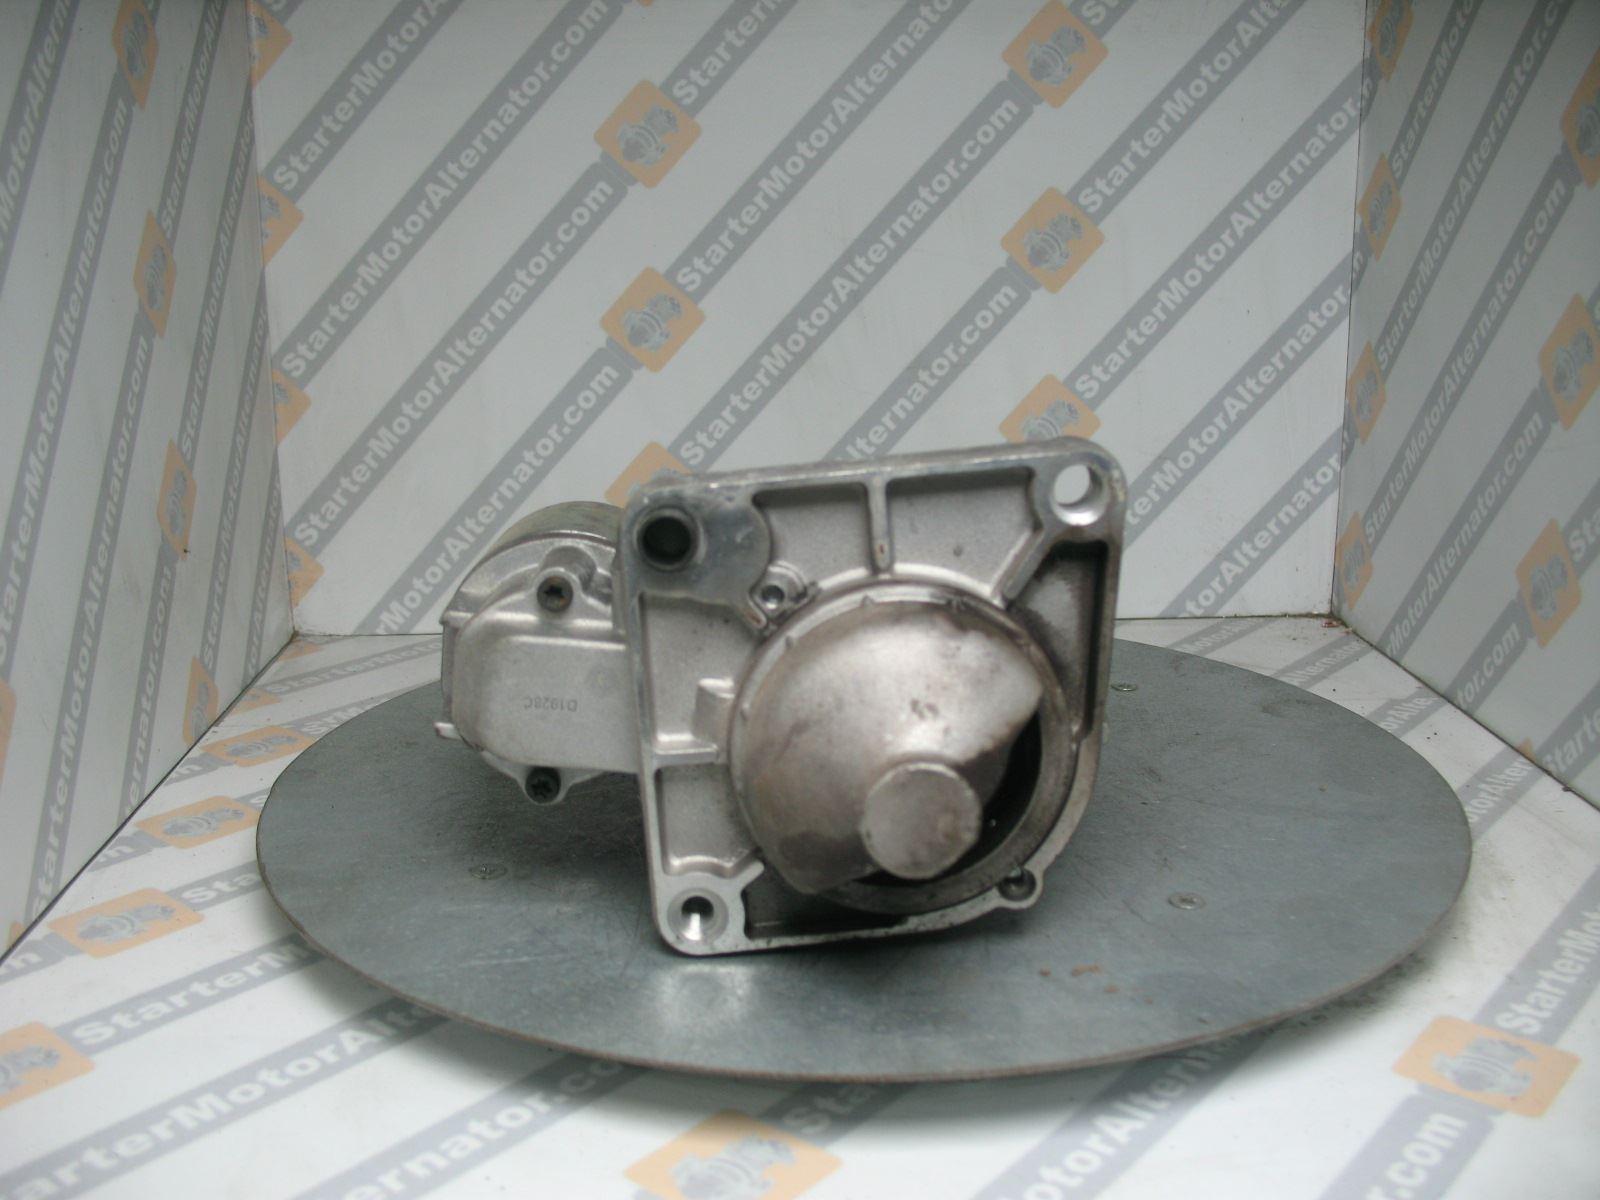 XIY1726 Starter Motor For Abarth / Alfa Romeo / Chrysler / Fiat / Ford